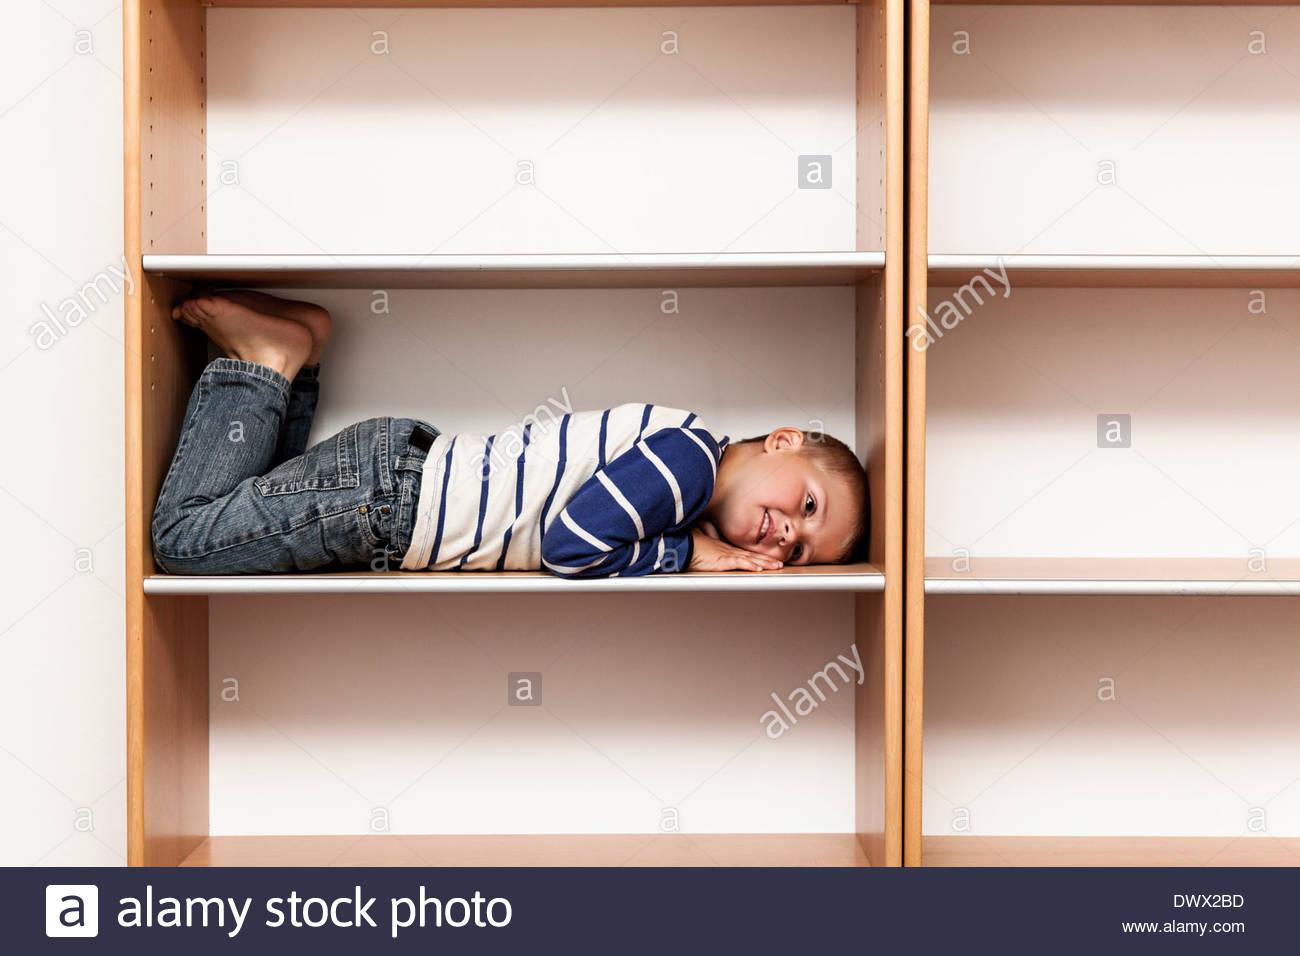 Toute la longueur du garçon couché ludique en plateau vide à la maison Photo Stock